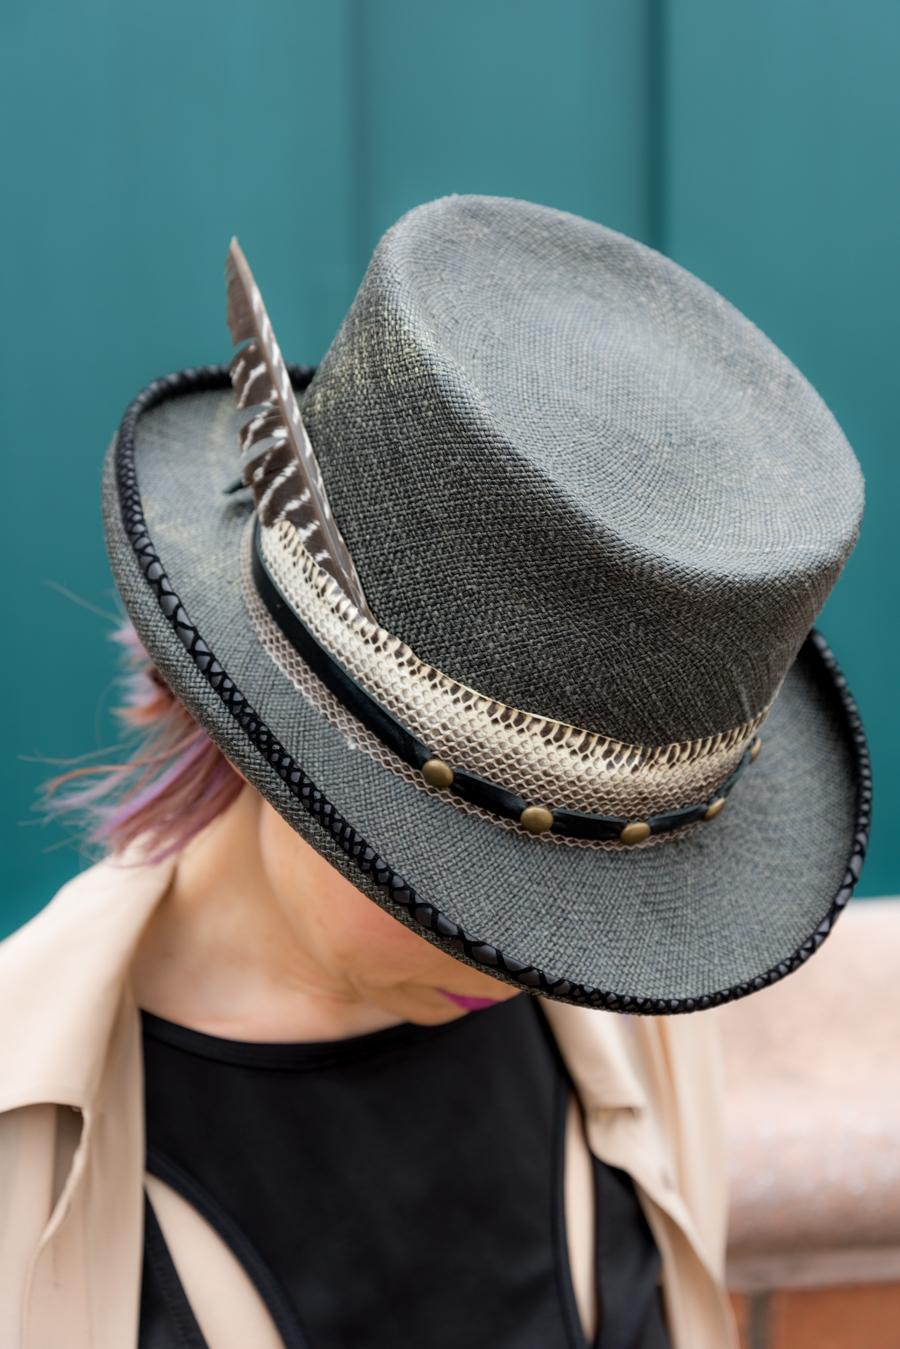 Custom Made Summer Hat At Cha-Cha House メイドインニューヨークオーダーメイドハット! 10